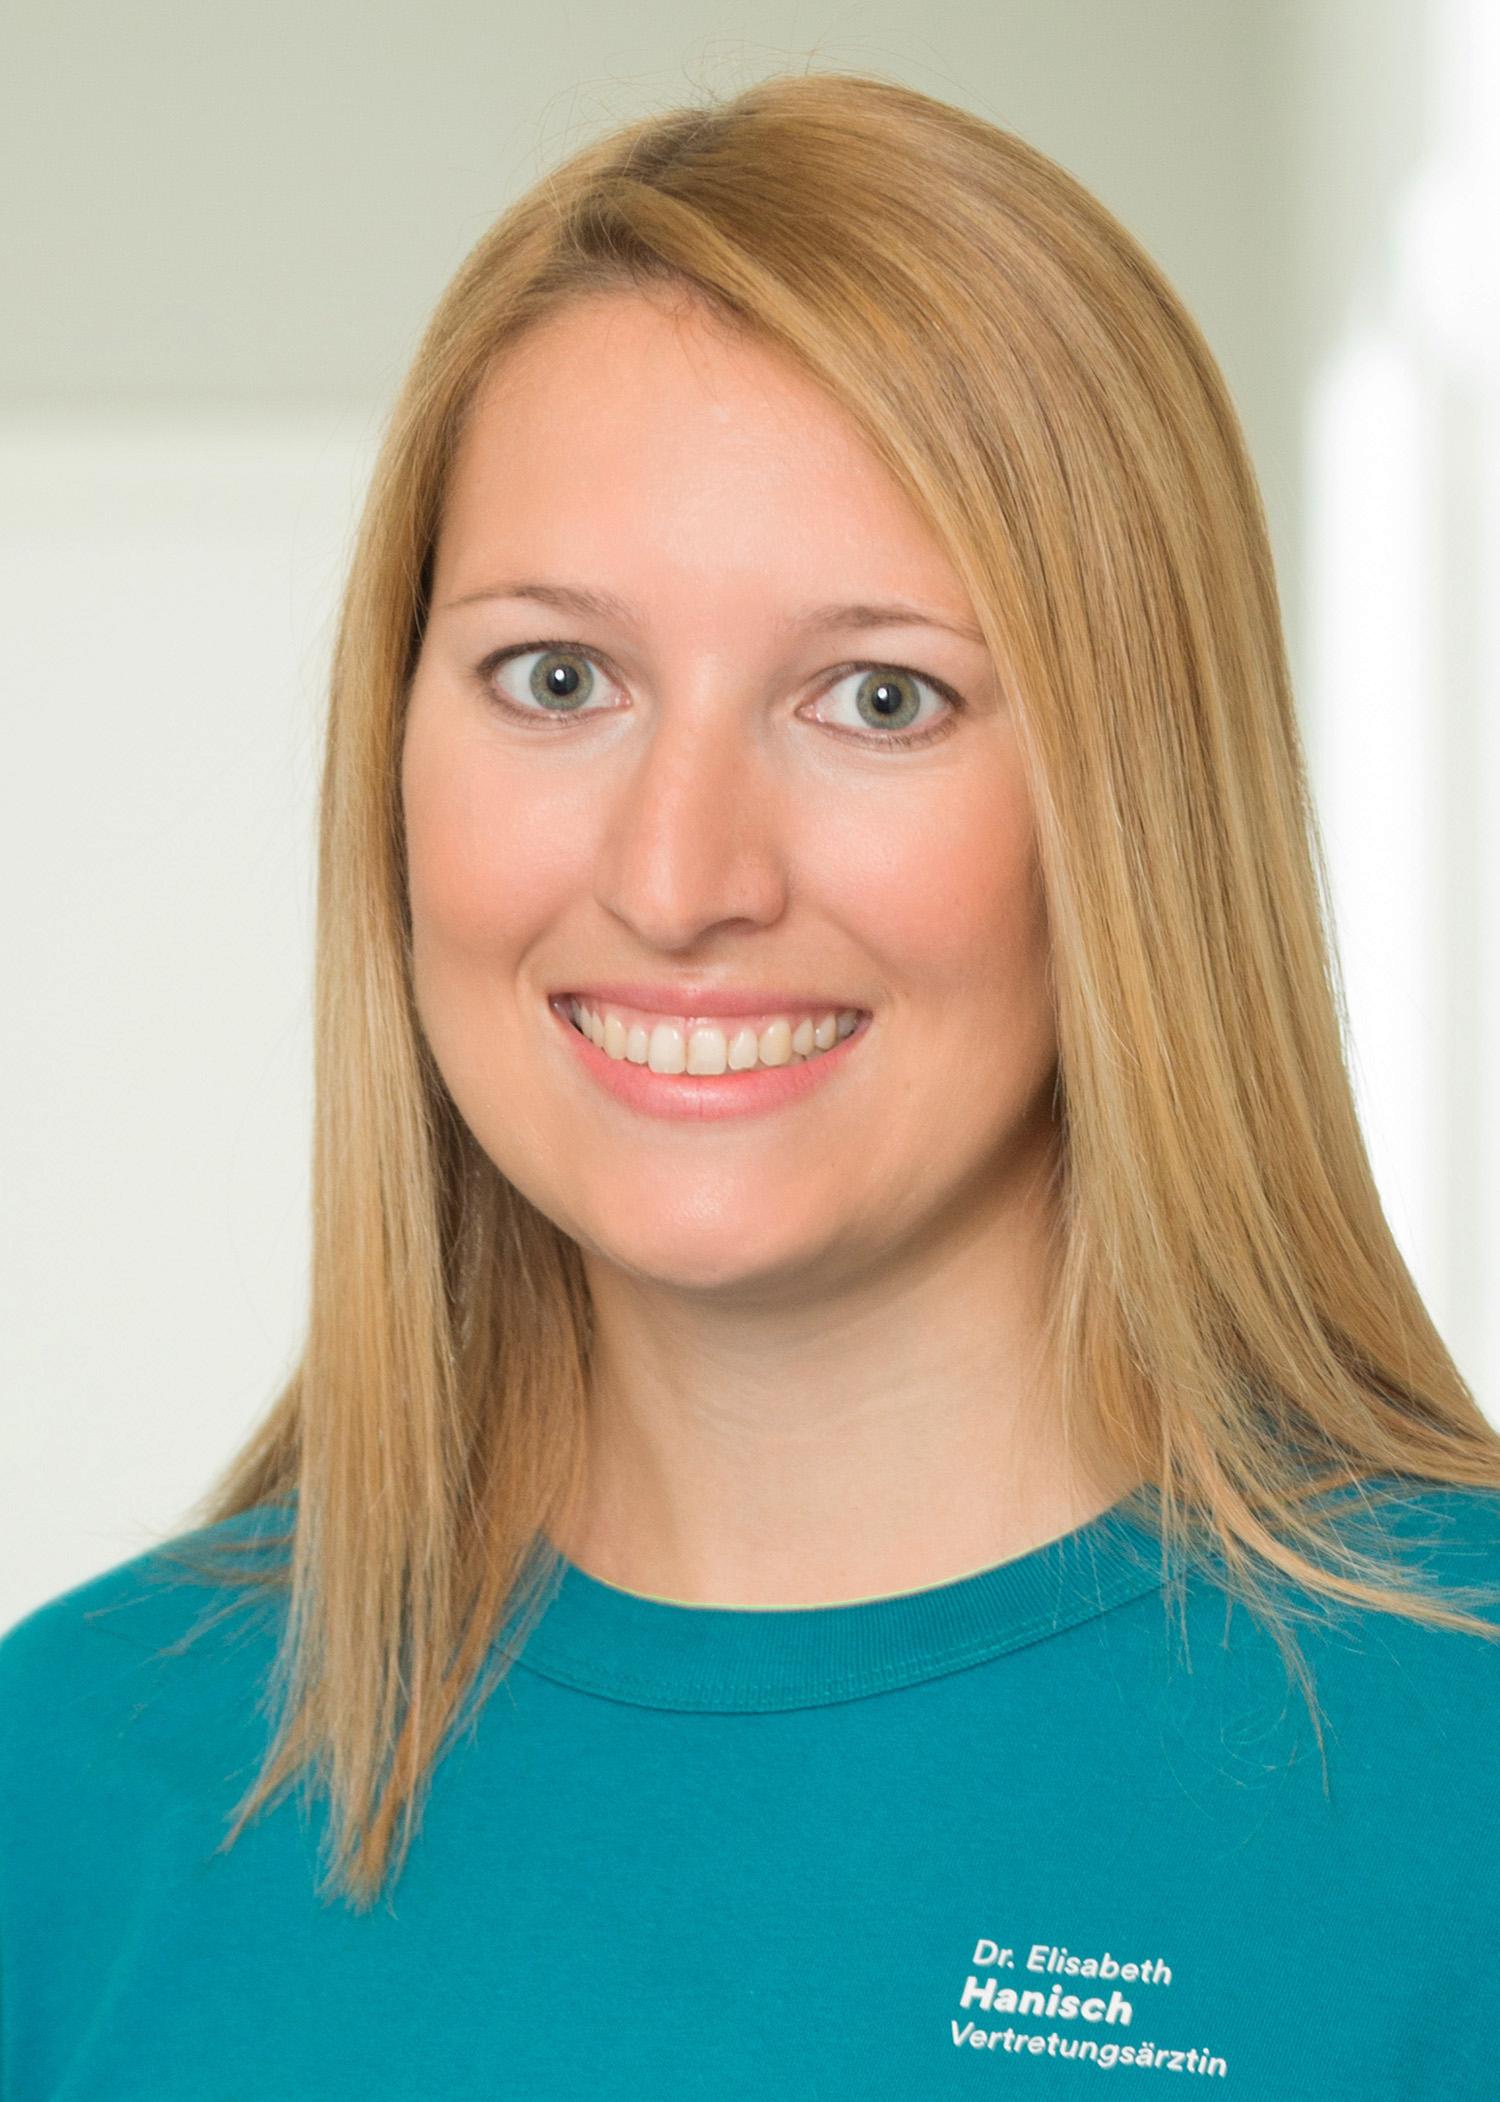 Vertretungsärztin Dr. Elisabeth Hanisch